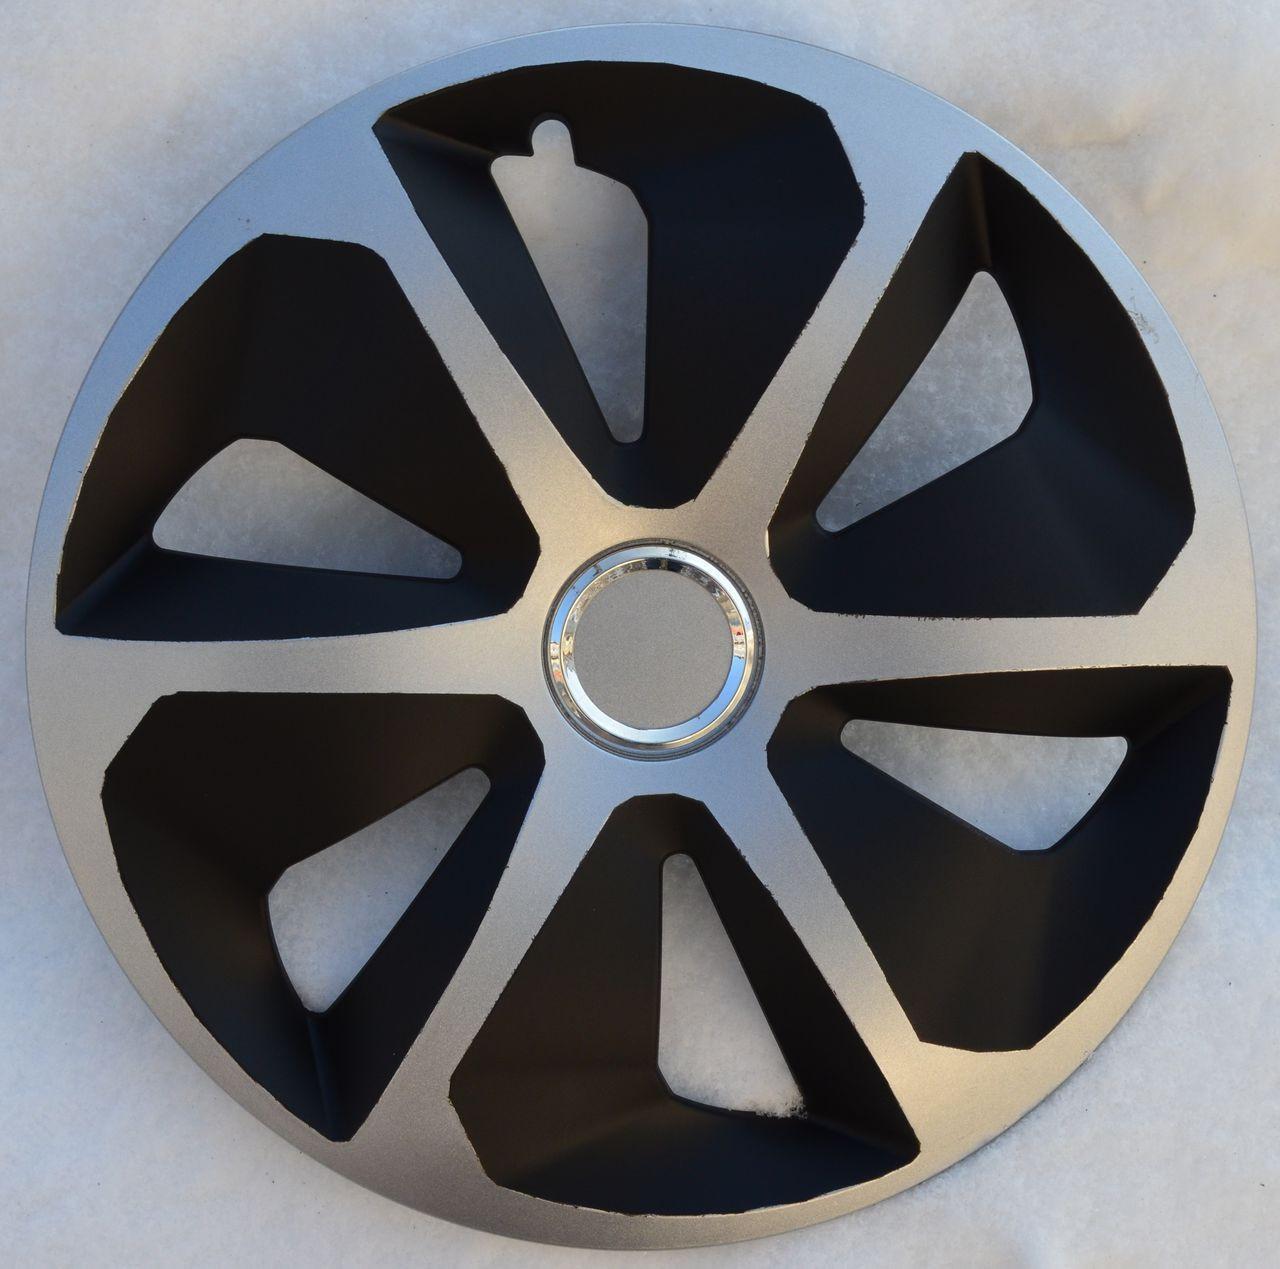 Колпаки на колеса  Р13,  R13 ROKO RING MIX черно-серые с кольцом